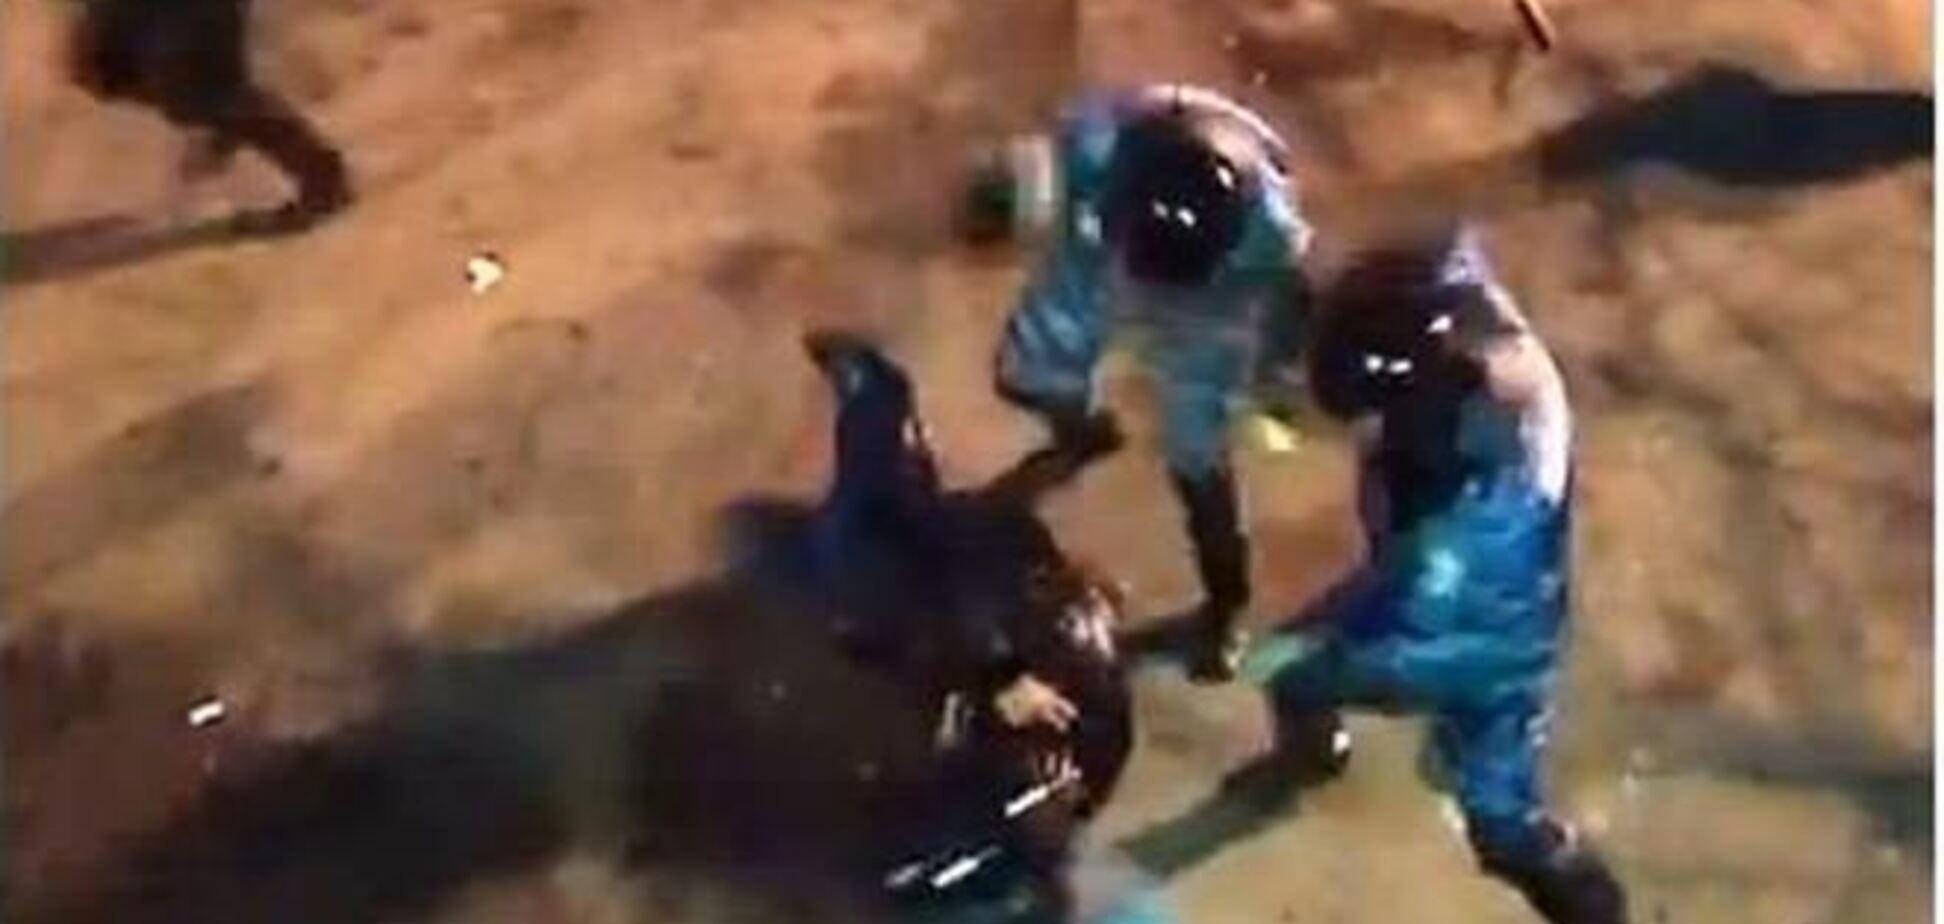 В Интернете появилось видео, как несколько групп 'Беркута' по очереди избивали одного мужчину